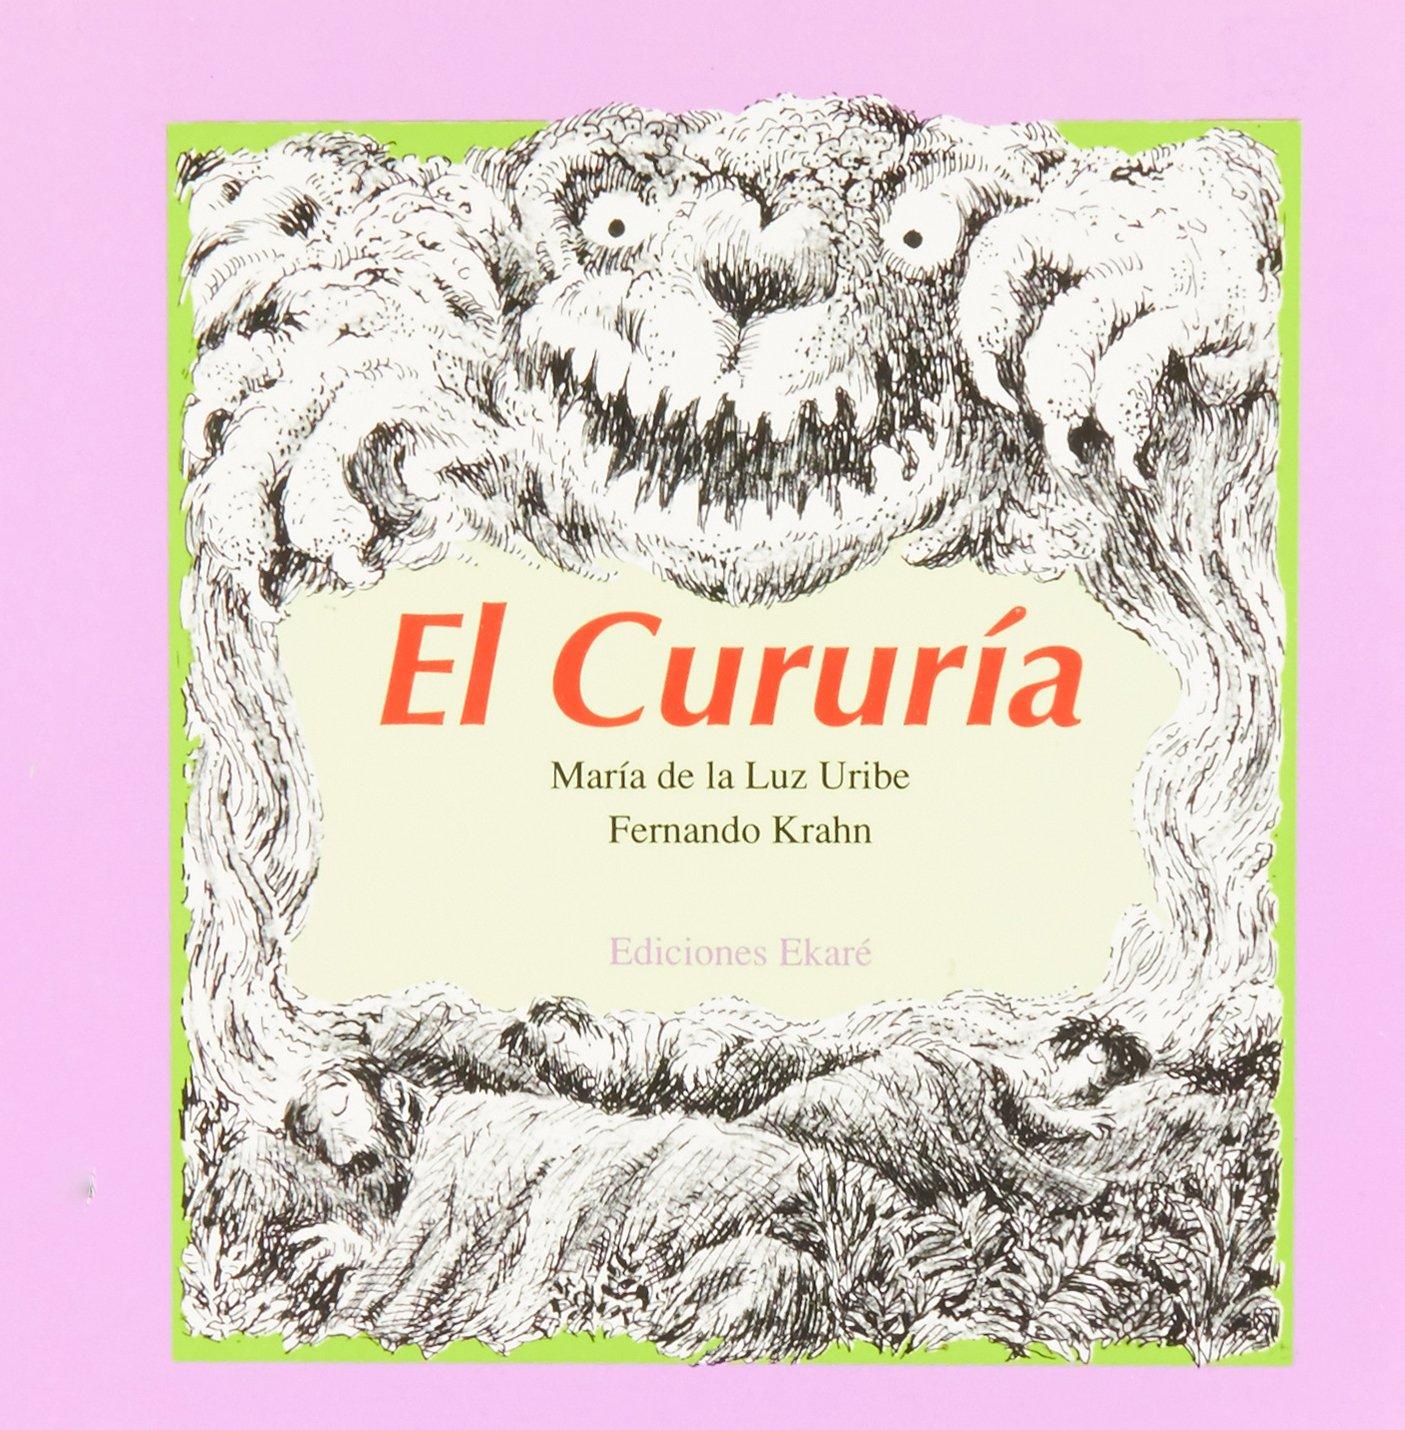 El Cururia: Maria de la Luz Uribe, Maria de la Luz Uribe: 9789802570607: Amazon.com: Books